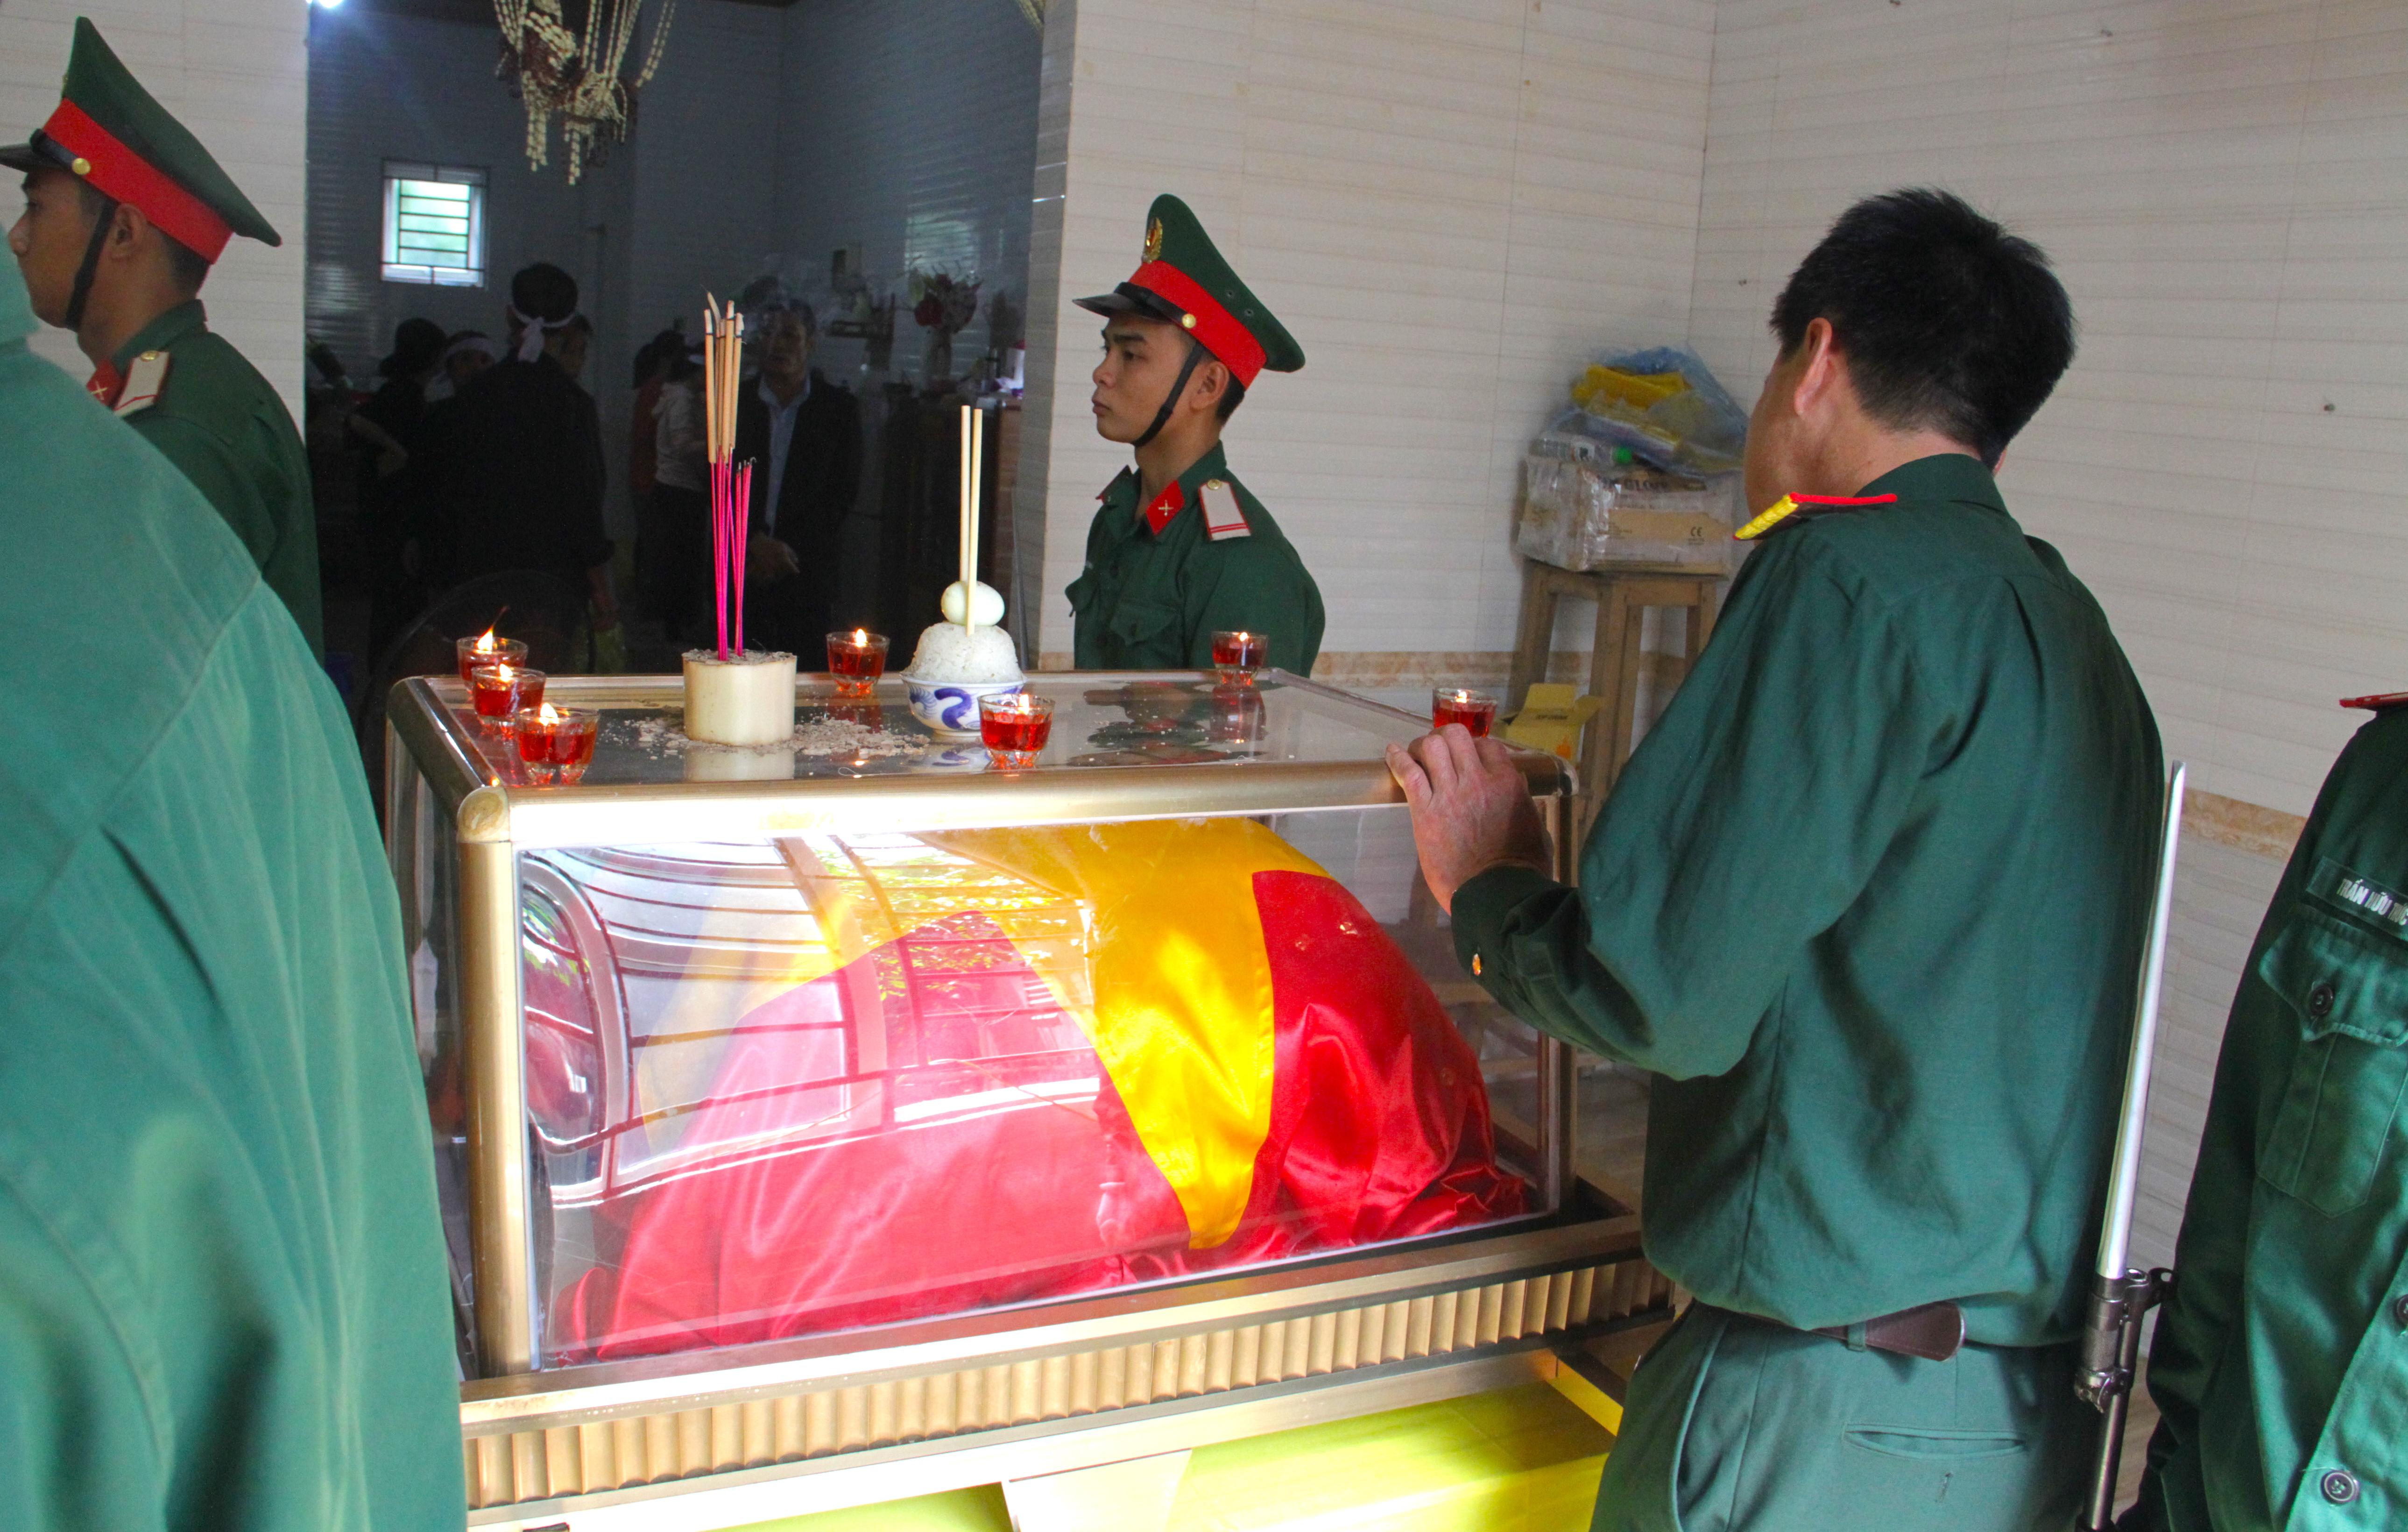 Nước mắt tiễn biệt liệt sỹ Đoàn 337 bị vùi lấp ở Quảng Trị: Nào ngờ con đi không về nữa - Ảnh 15.